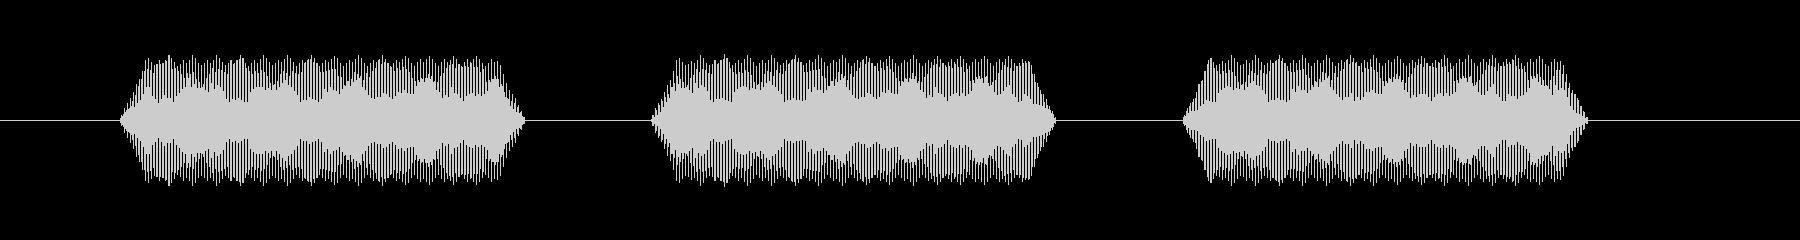 【汎用・セリフ音等】ピピピ(さらに低)の未再生の波形